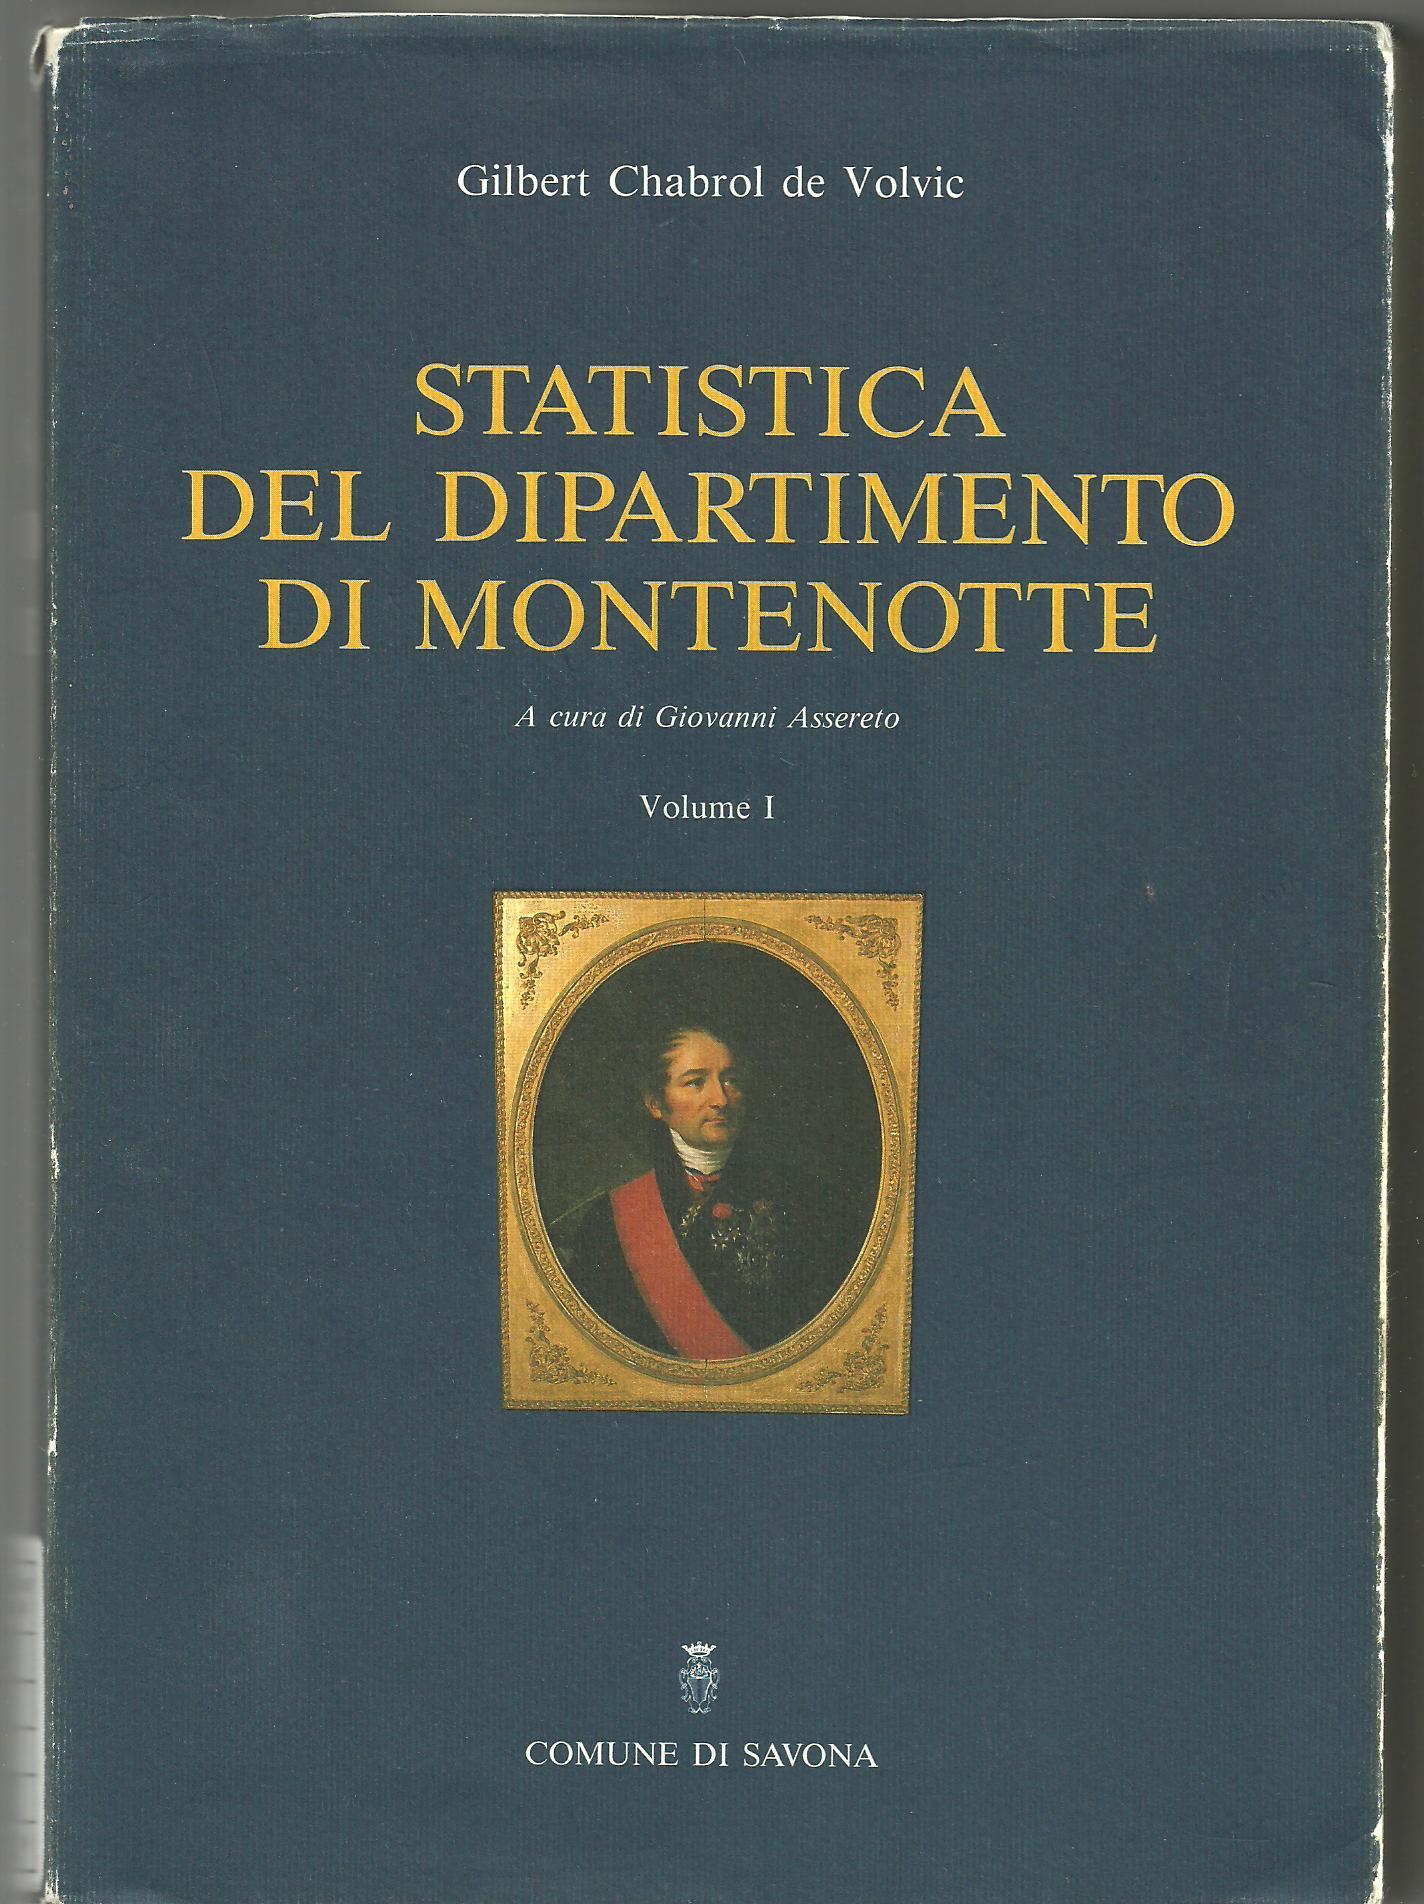 Statistica delle provincie di Savona, di Oneglia, di Acqui e di parte della provincia di Mondovì che formavano il Dipartimento di Montenotte